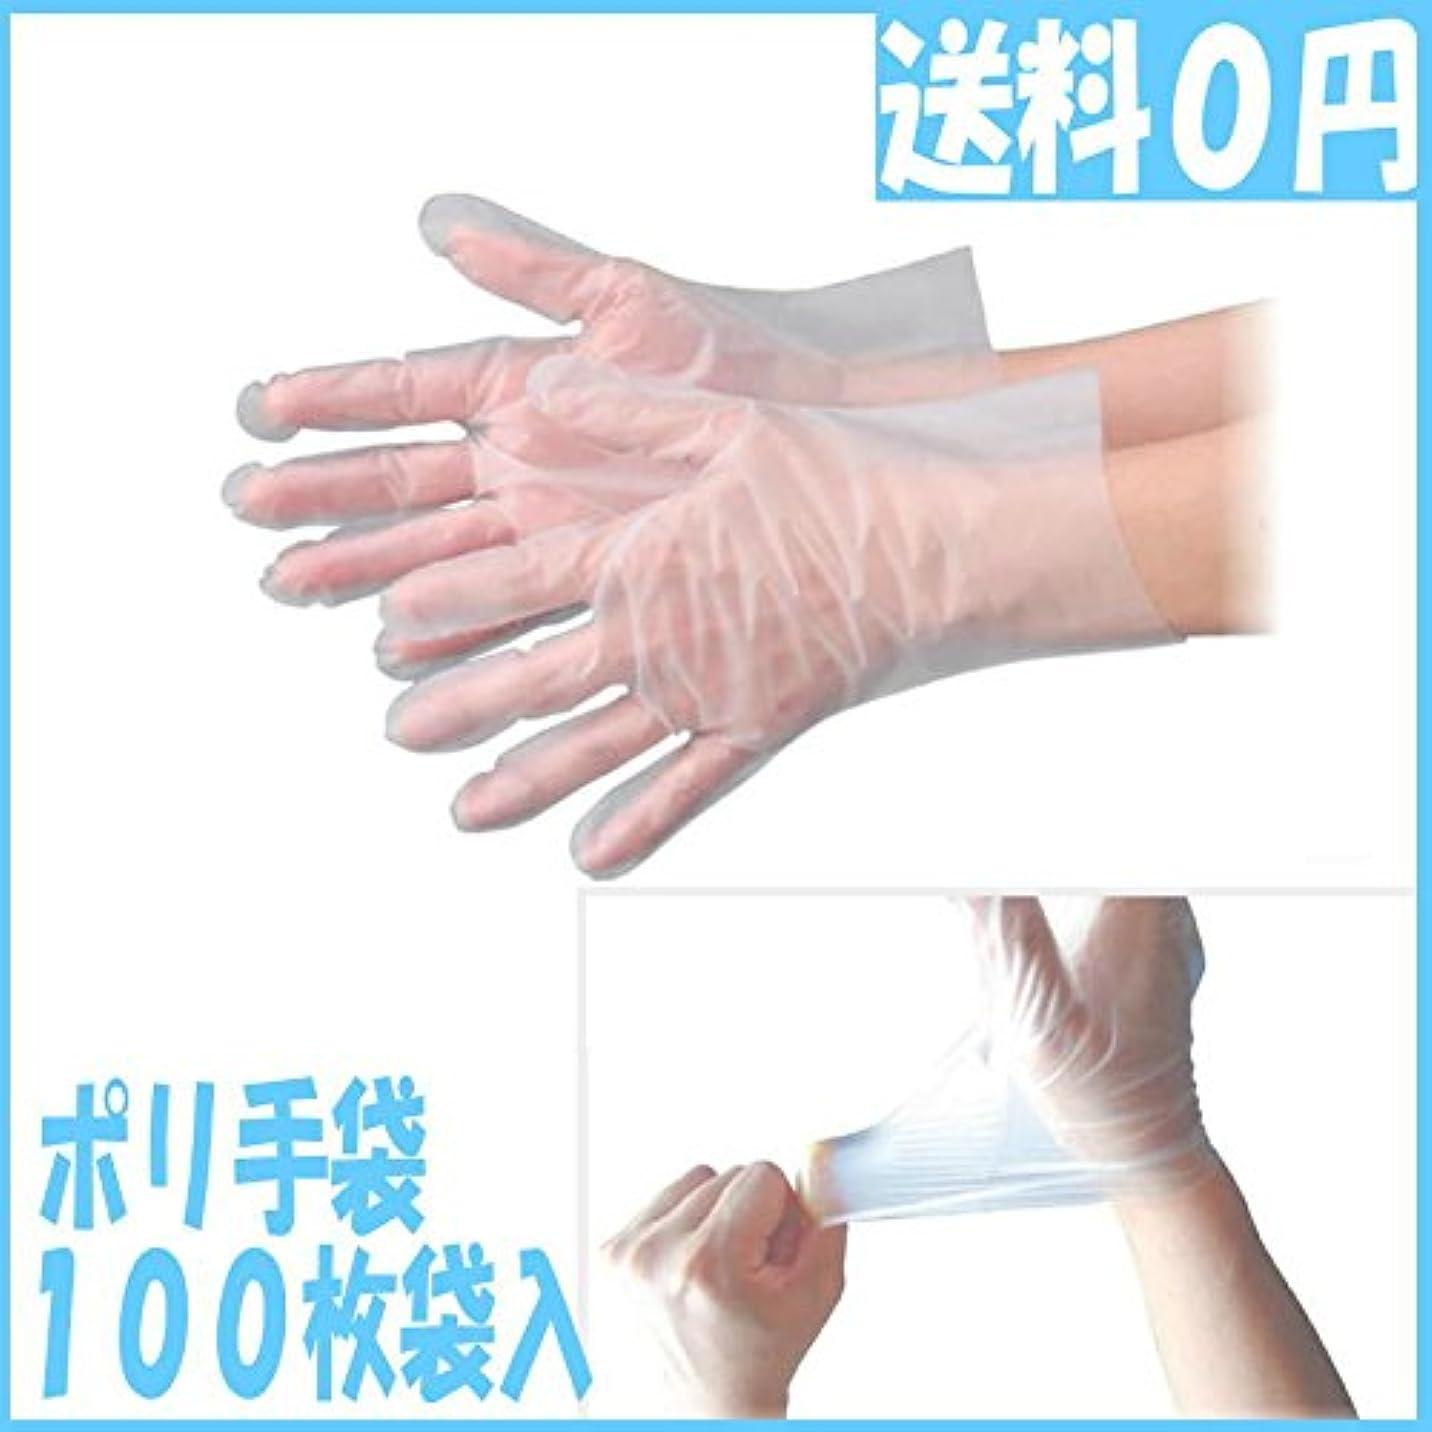 区計画的受け取る使い捨てポリエチレン手袋 100枚袋入り シルキータッチ35【ポリ手袋】 (L)